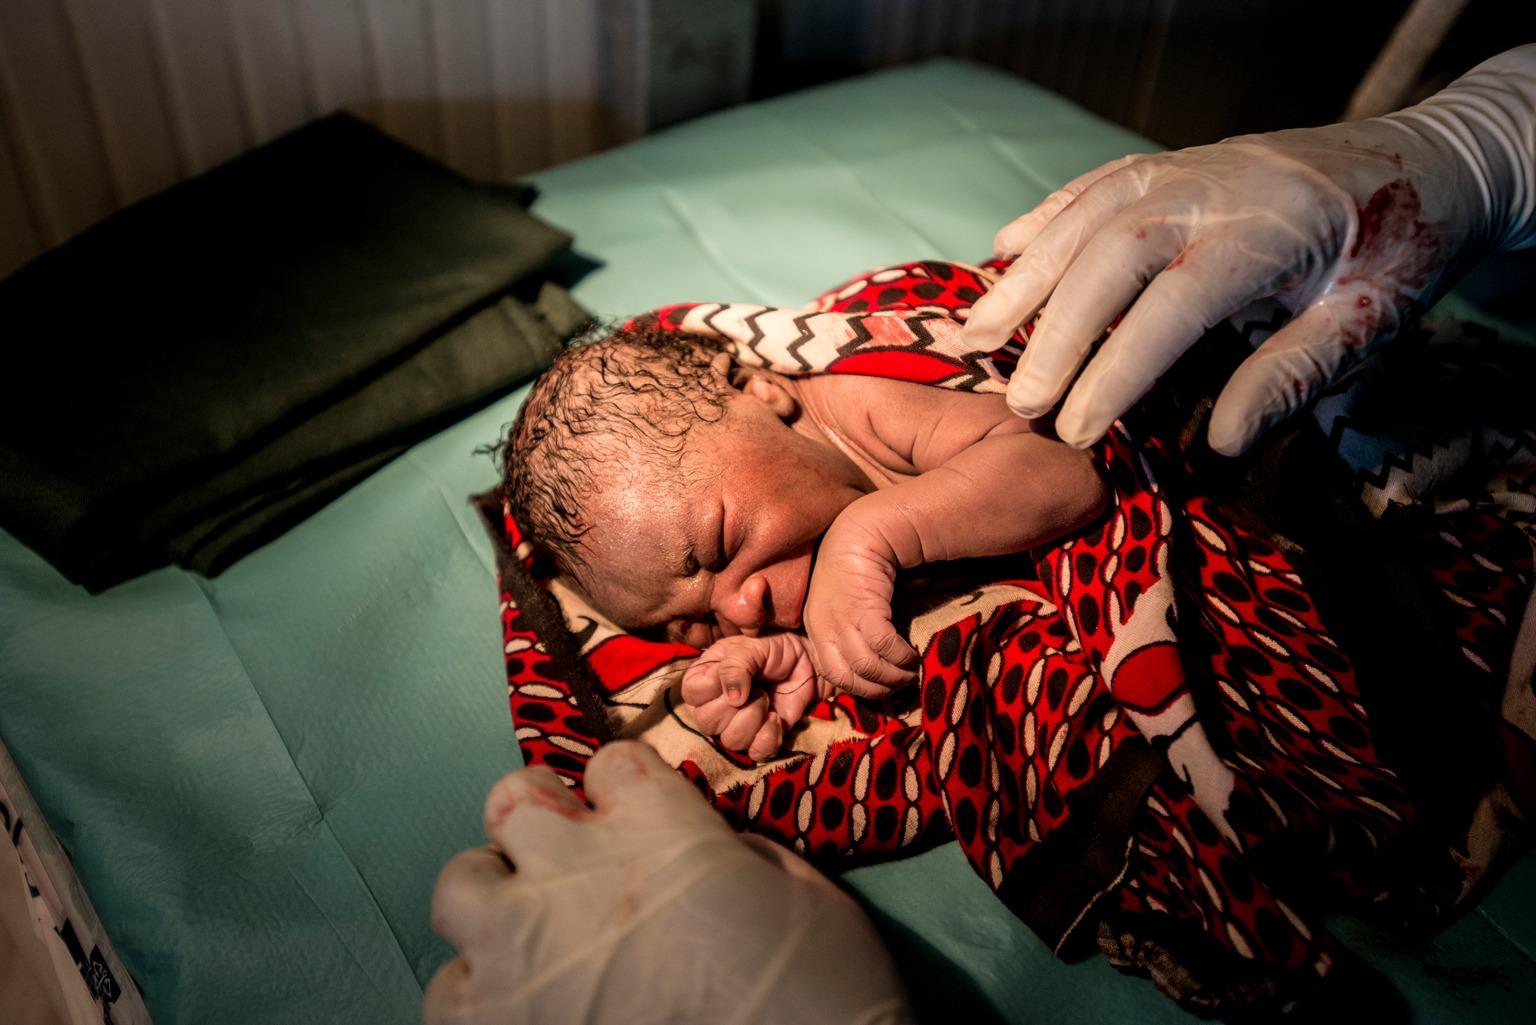 Više od 16 milijuna djece ove godine rođeno je u sukobu